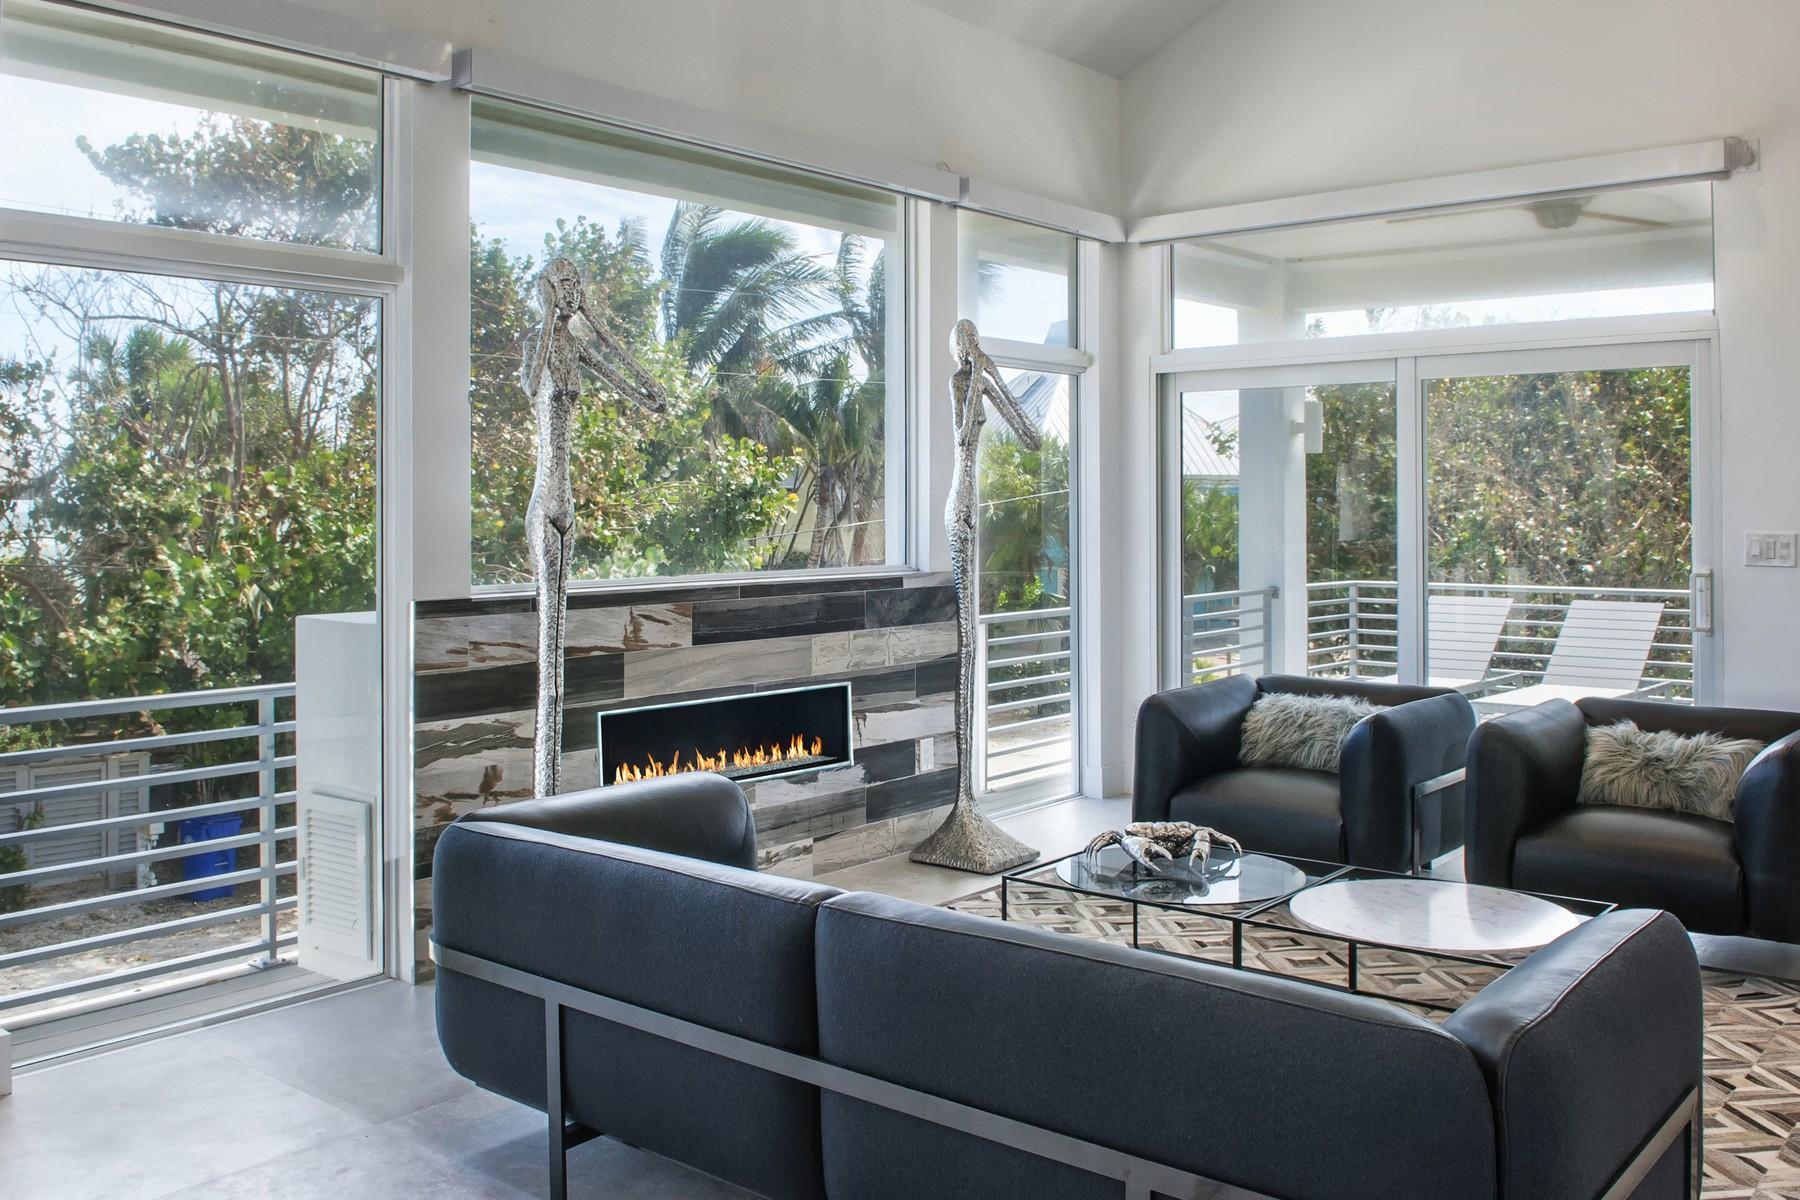 Частный односемейный дом для того Аренда на Summerplace 1811 E Sandpiper Rd Vero Beach, Флорида 32963 Соединенные Штаты